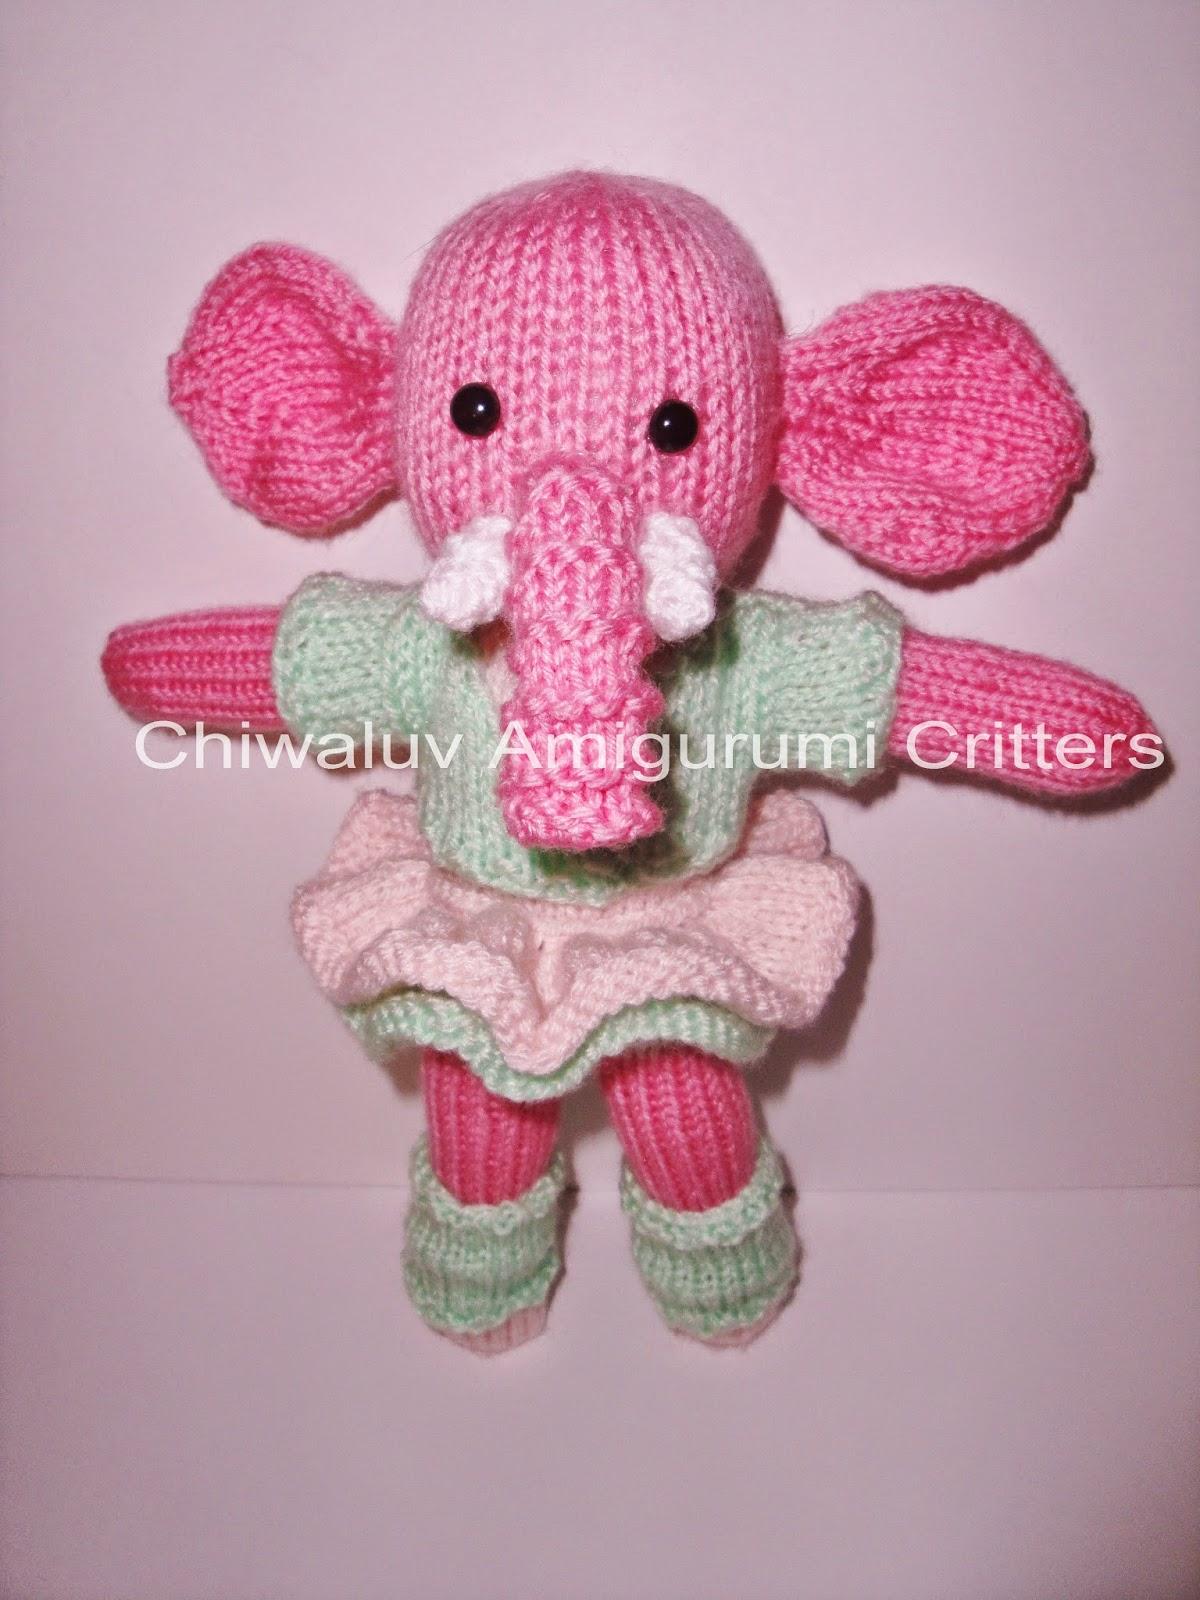 Rosie the Elephant Crochet Toy | Etsy | 1600x1200